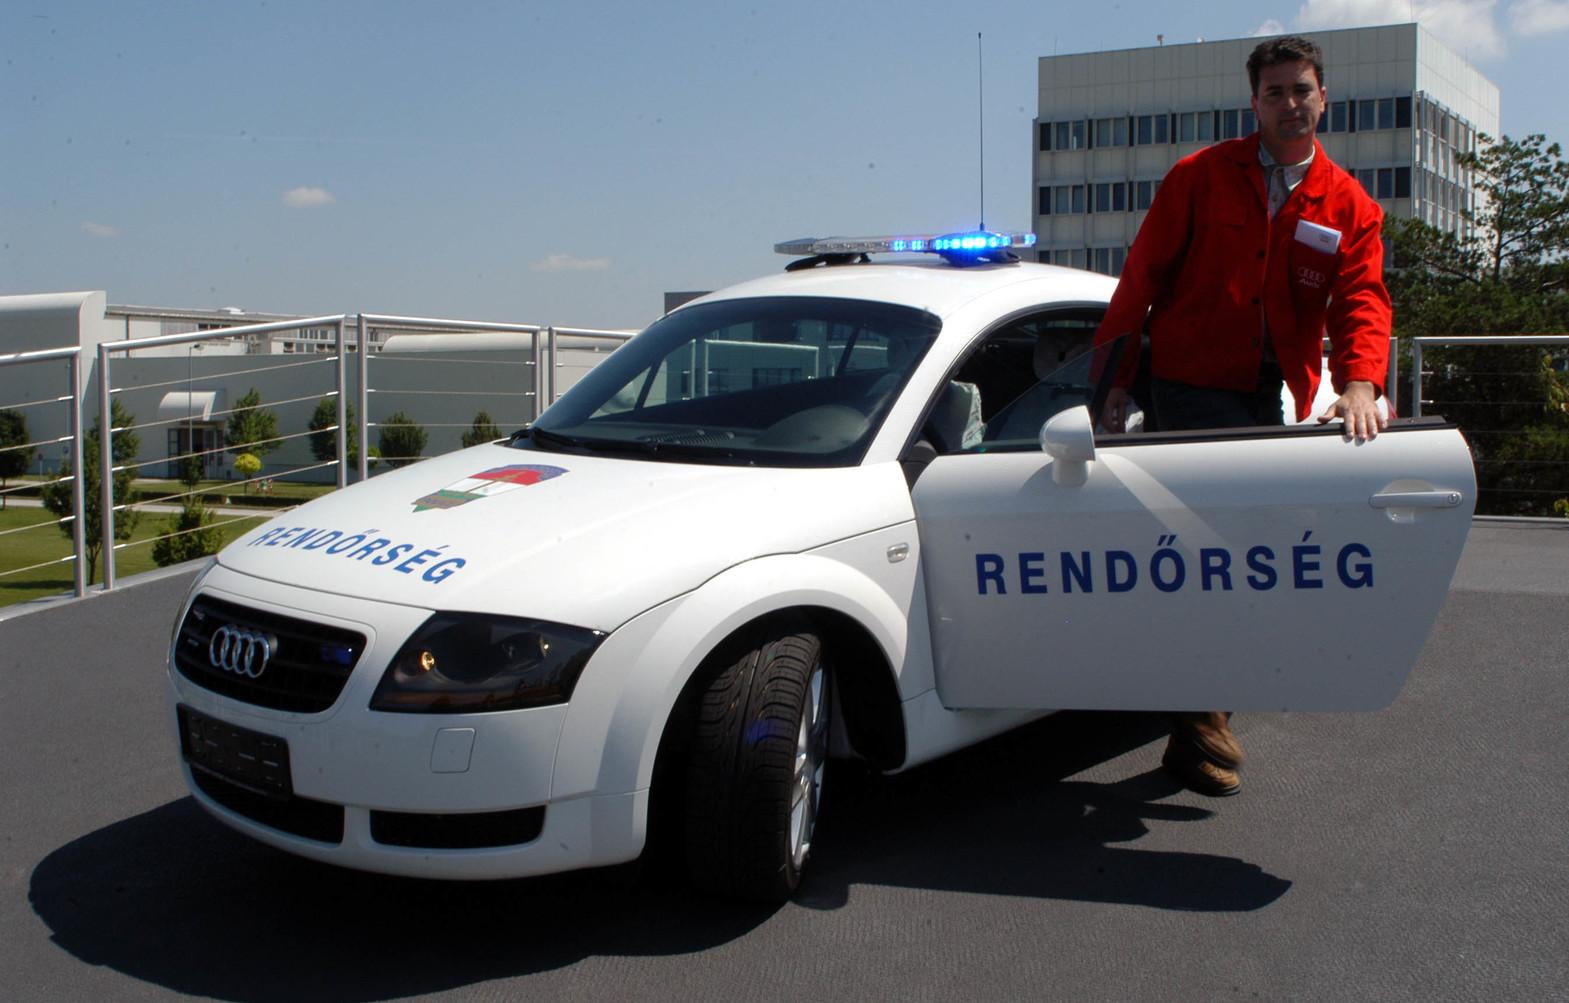 Győr, 2005. június 21.  Egy speciális rendőrségi célokra átalakított Audi TT sportkocsit ajándékoz az autópálya-rendőrségnek  a közlekedésbiztonság javítása érdekében a győri Audi Hungária Motor Kft. Az Audi TT Coupéba egy  225 lóerős, 1,8 literes ötszelepes négyhengeres turbómotort építettek be.  A jármű végsebessége megközelíti a 250 kilométer/órát. Az autó tetejére egy amerikai gyártású különleges fényhidat szereltek fel, amelyet Európában először alkalmaznak. A fényhíd által okozott légáramlási hatások ellensúlyozására nagyobb spoilert, légterelő szárnyat is kapott a jármű. MTI Fotó